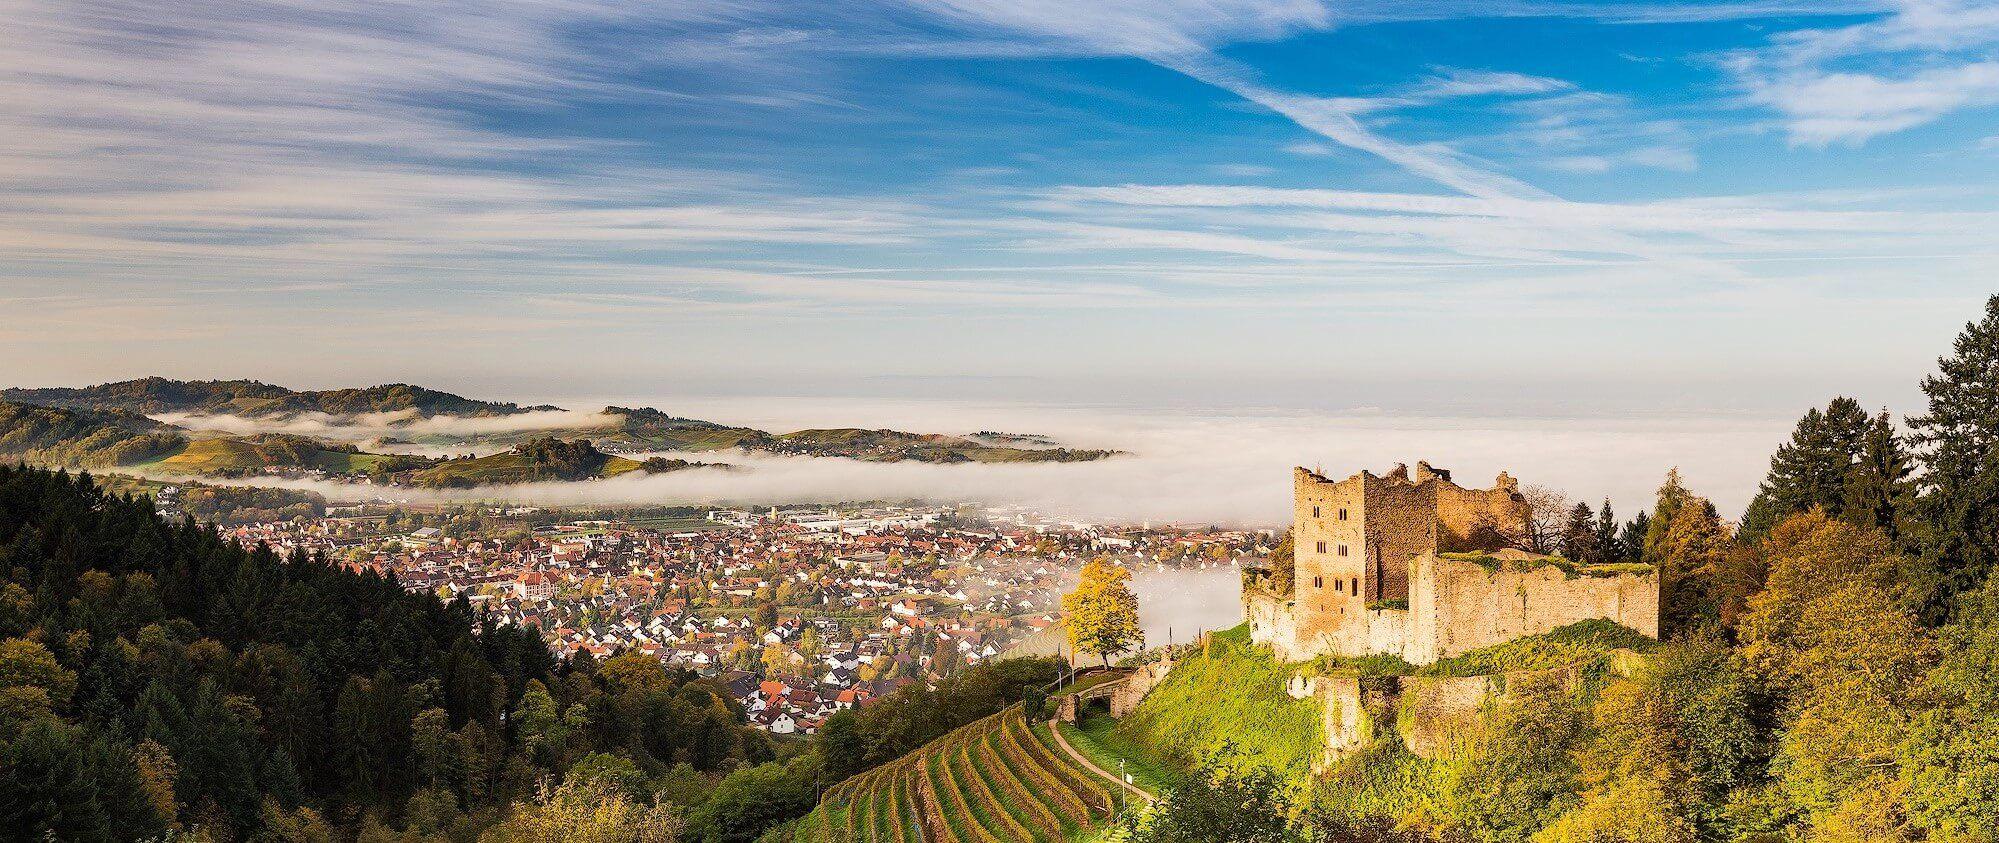 Die Bürgerinnen und Bürger der Stadt Oberkirch